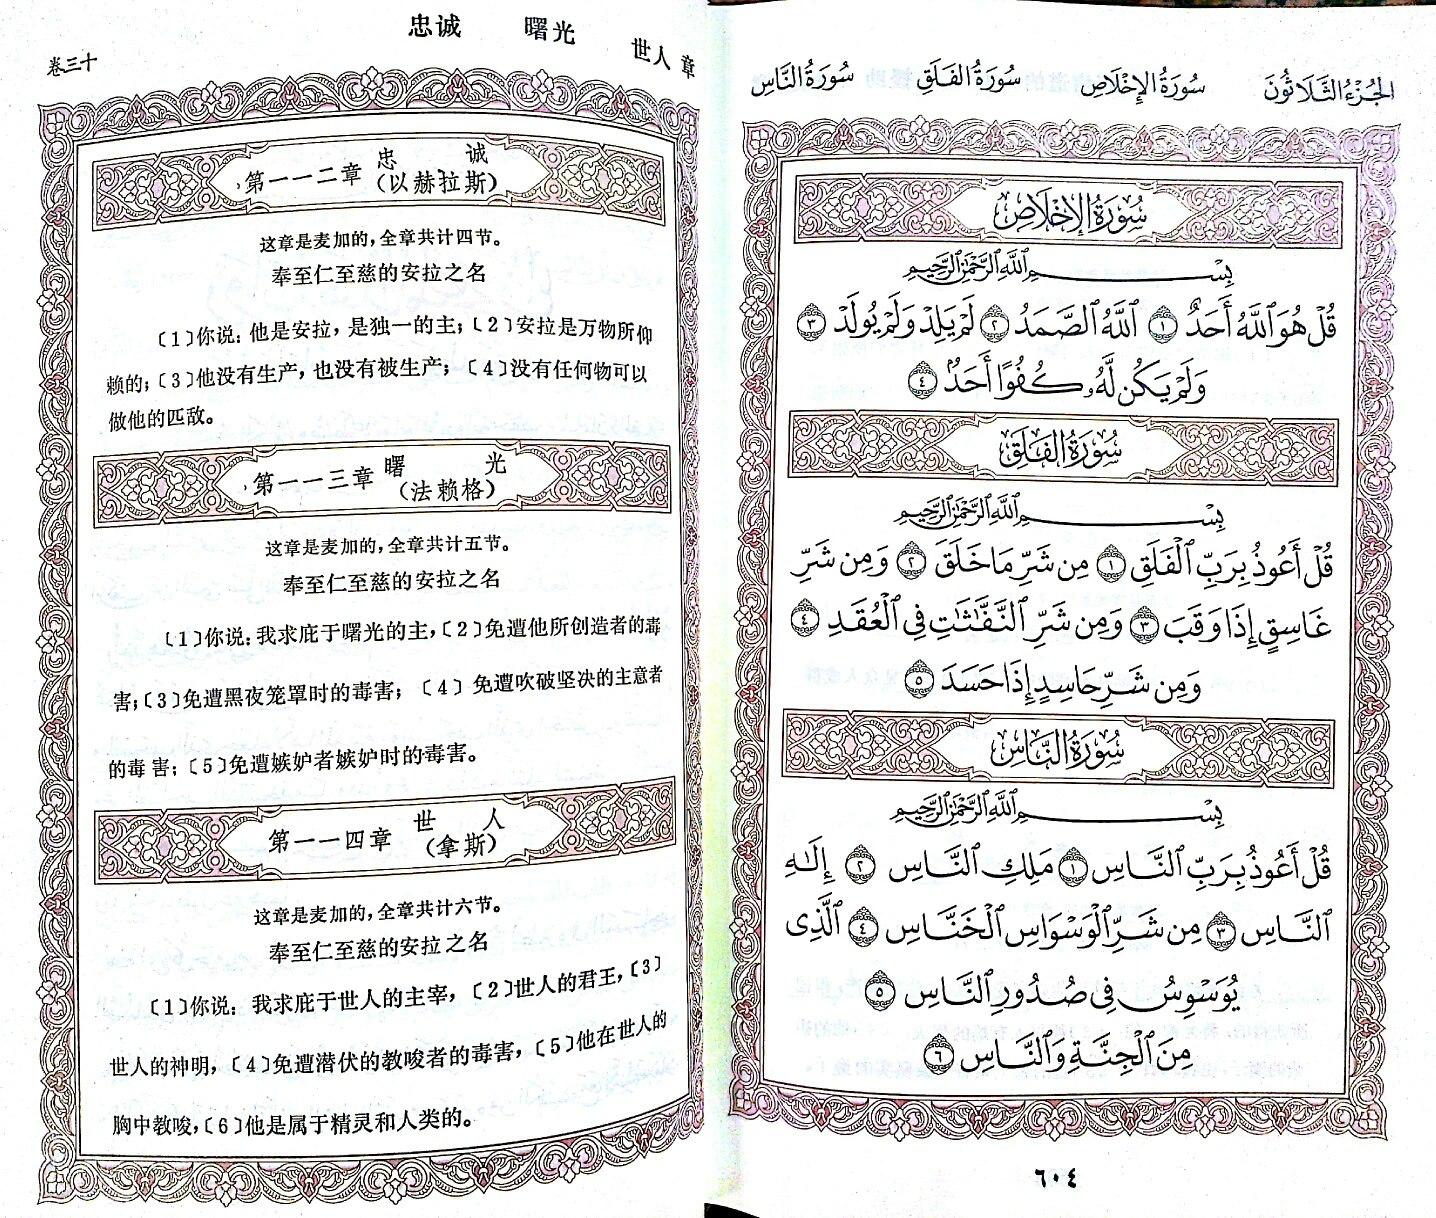 quran_china_01